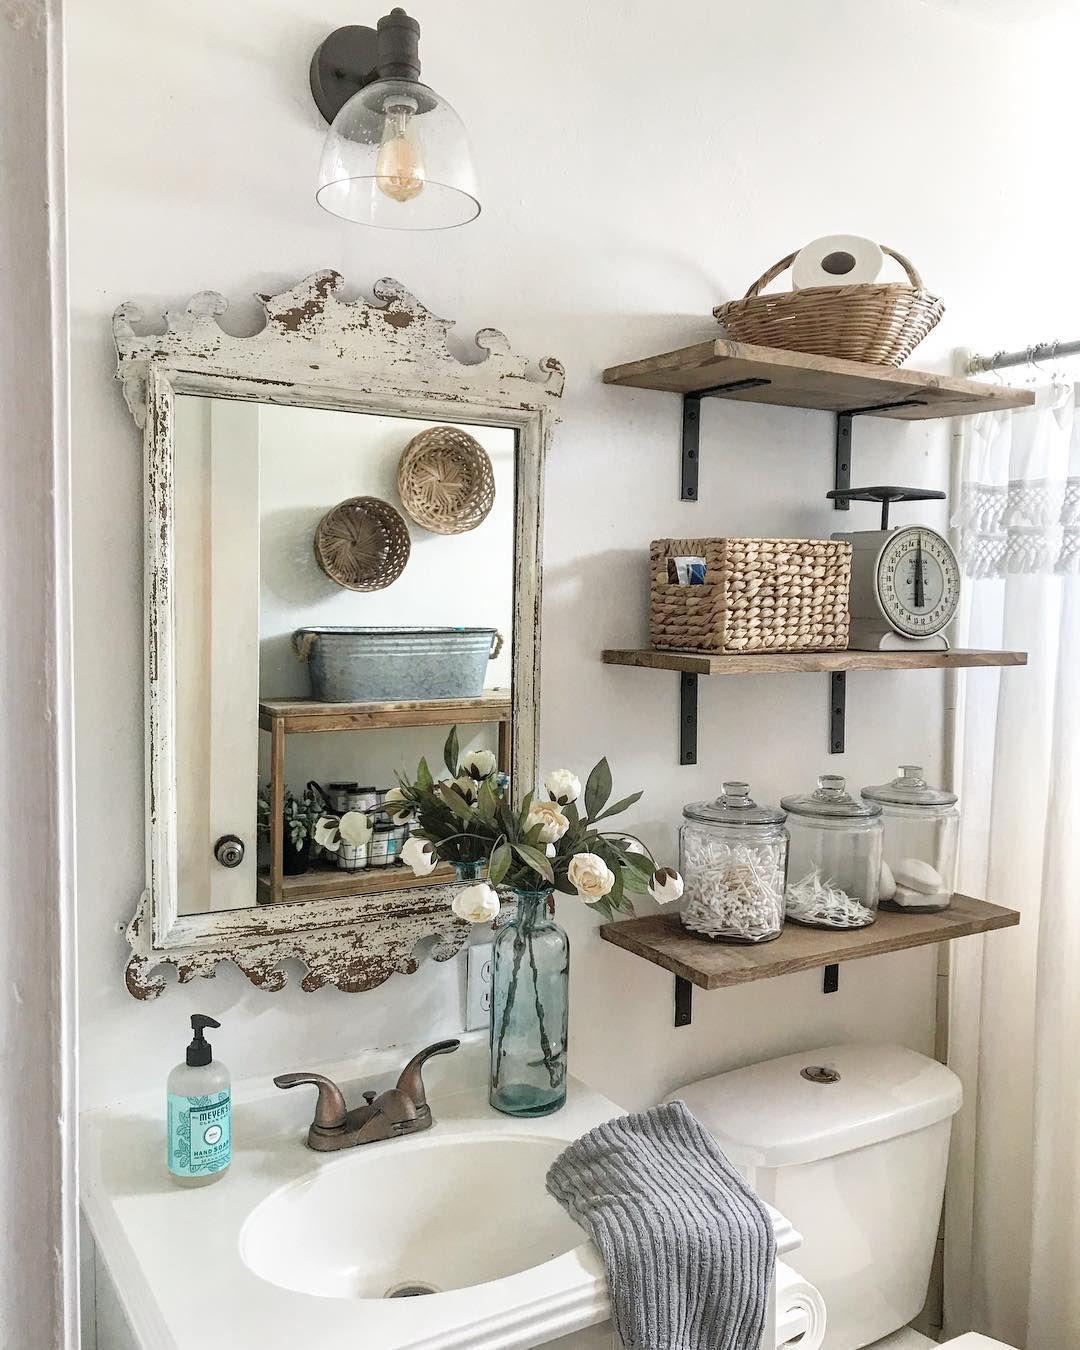 Pin von Hameed Aladany auf Bathroom | Pinterest | Badezimmer, Wohnen ...